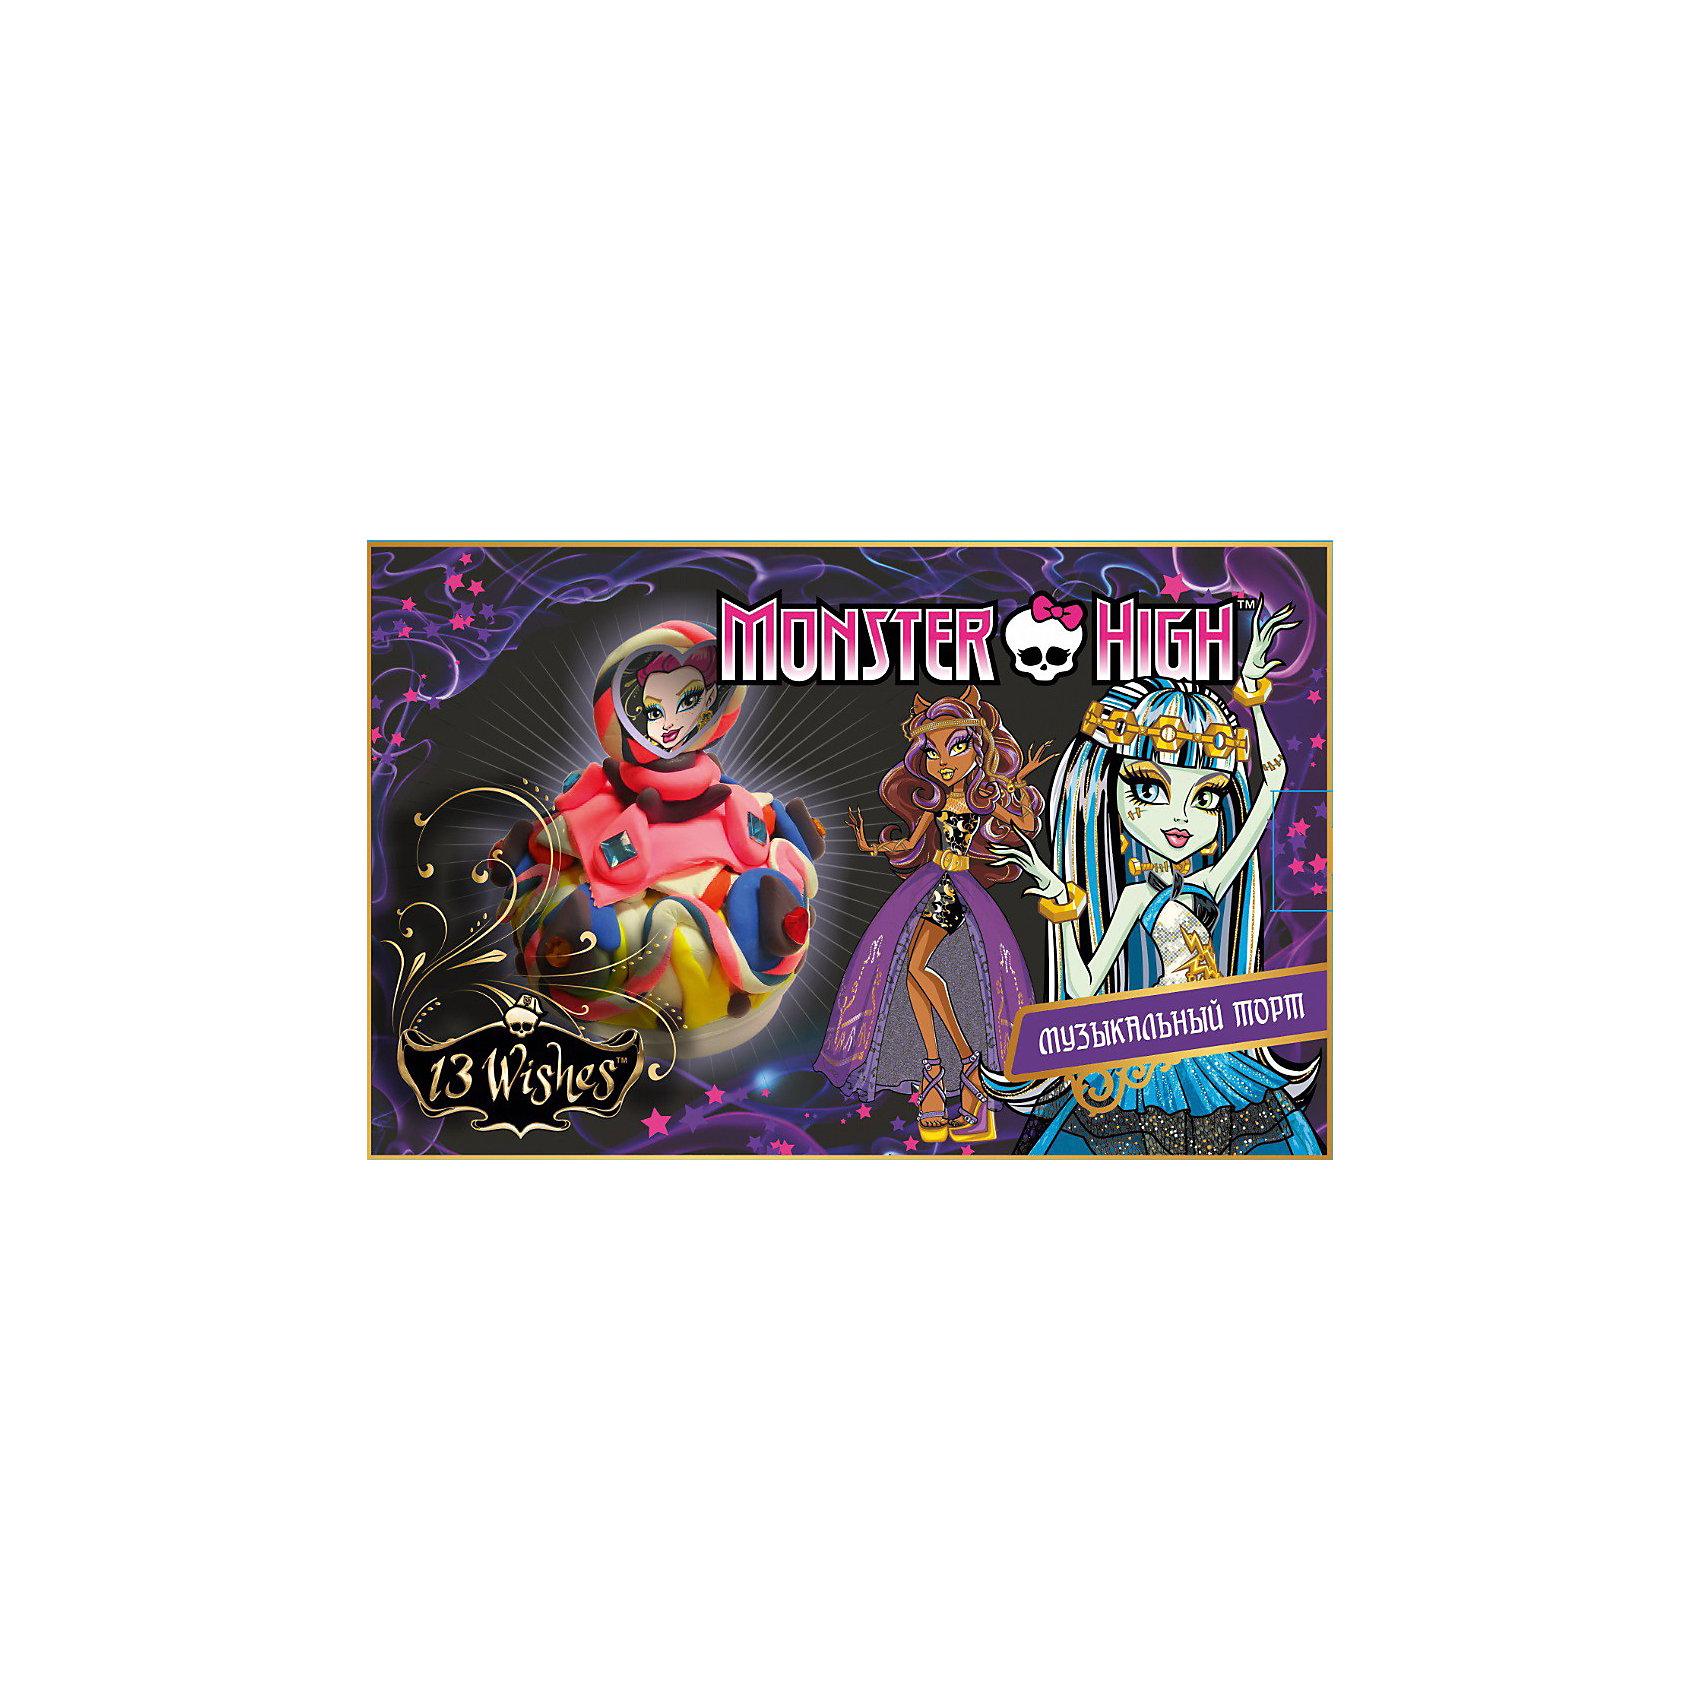 Набор Музыкальная игрушка, Monster HighМузыкальная игрушка, Monster High - оригинальный набор для творчества, который станет отличным подарком для всех юных поклонниц мультсериала Школа монстров. С помощью массы для лепки и музыкального механизма (входит в комплект) Ваша девочка сможет изготовить чудесную игрушку в стиле Monster High - оригинальный музыкальный торт. Готовую игрушку можно украсить входящими в комплект фигурными наклейками и стразами. Набор способствует развитию творческих способностей, мышления, воображения, мелкой моторики  рук и усидчивости.<br><br>Дополнительная информация:<br><br>- В комплекте: музыкальный механизм, масса для лепки - 6 цветов, комплект фигурных наклеек - 6 шт., стразы, стек.<br>- Размер упаковки: 5 х 21 х 32,5 см.<br>- Вес: 0,5 кг.<br><br>Набор Музыкальная игрушка, Monster High (Монстр Хай) можно купить в нашем интернет-магазине.<br><br>Ширина мм: 50<br>Глубина мм: 325<br>Высота мм: 210<br>Вес г: 500<br>Возраст от месяцев: 36<br>Возраст до месяцев: 144<br>Пол: Женский<br>Возраст: Детский<br>SKU: 3866745